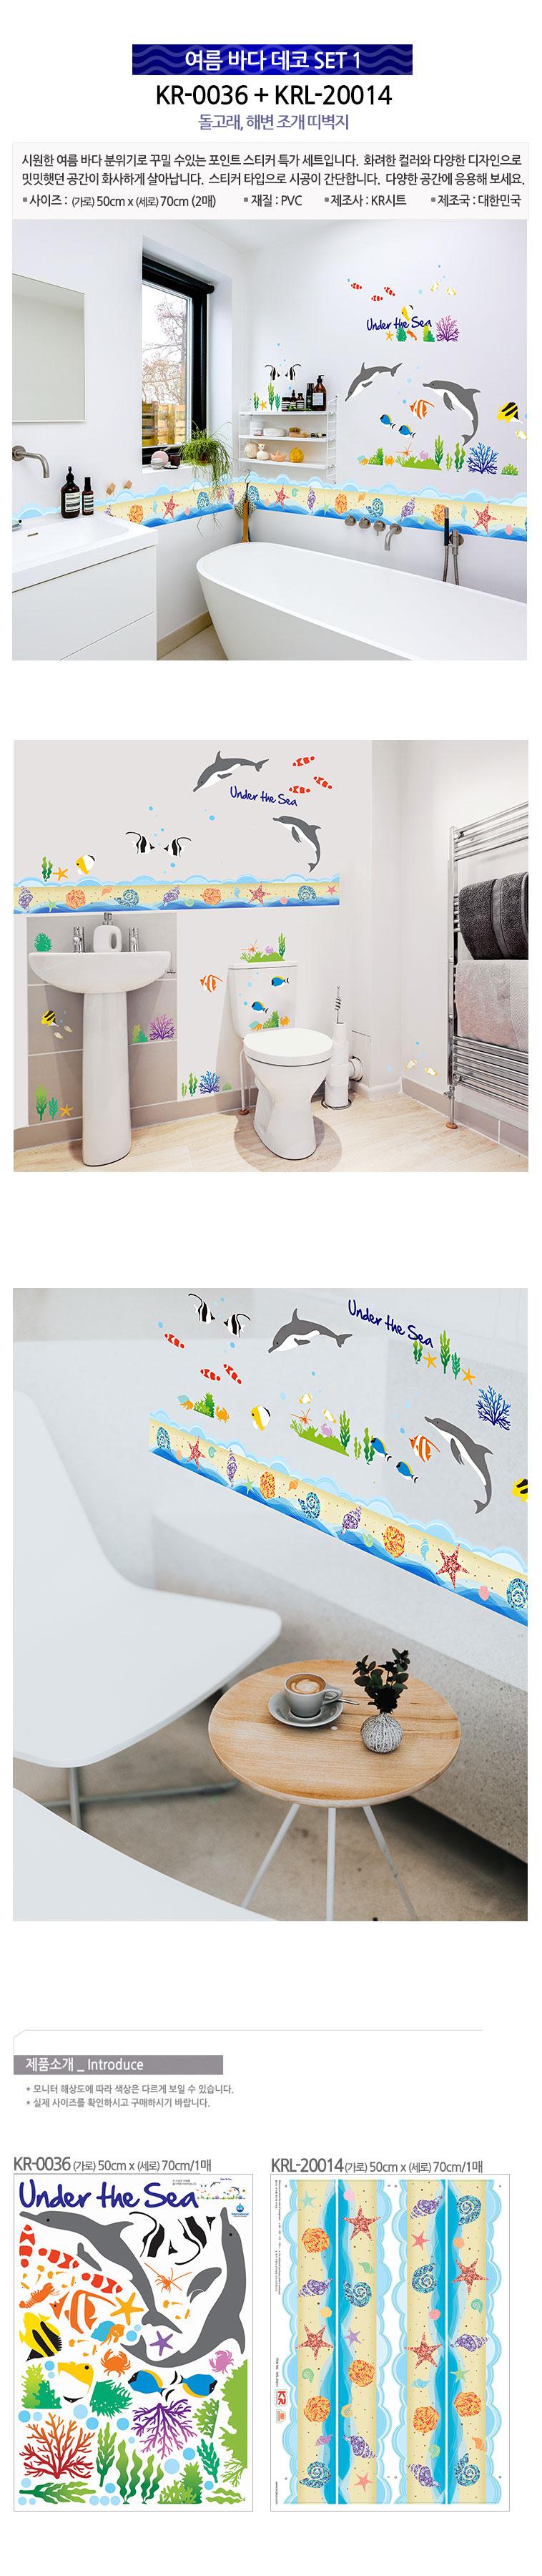 포인트스티커 KR 여름 바다 데코 세트 욕실 수영장 아이방 꾸미기 - 케이알인터내셔날, 11,000원, 월데코스티커, 사물/동물